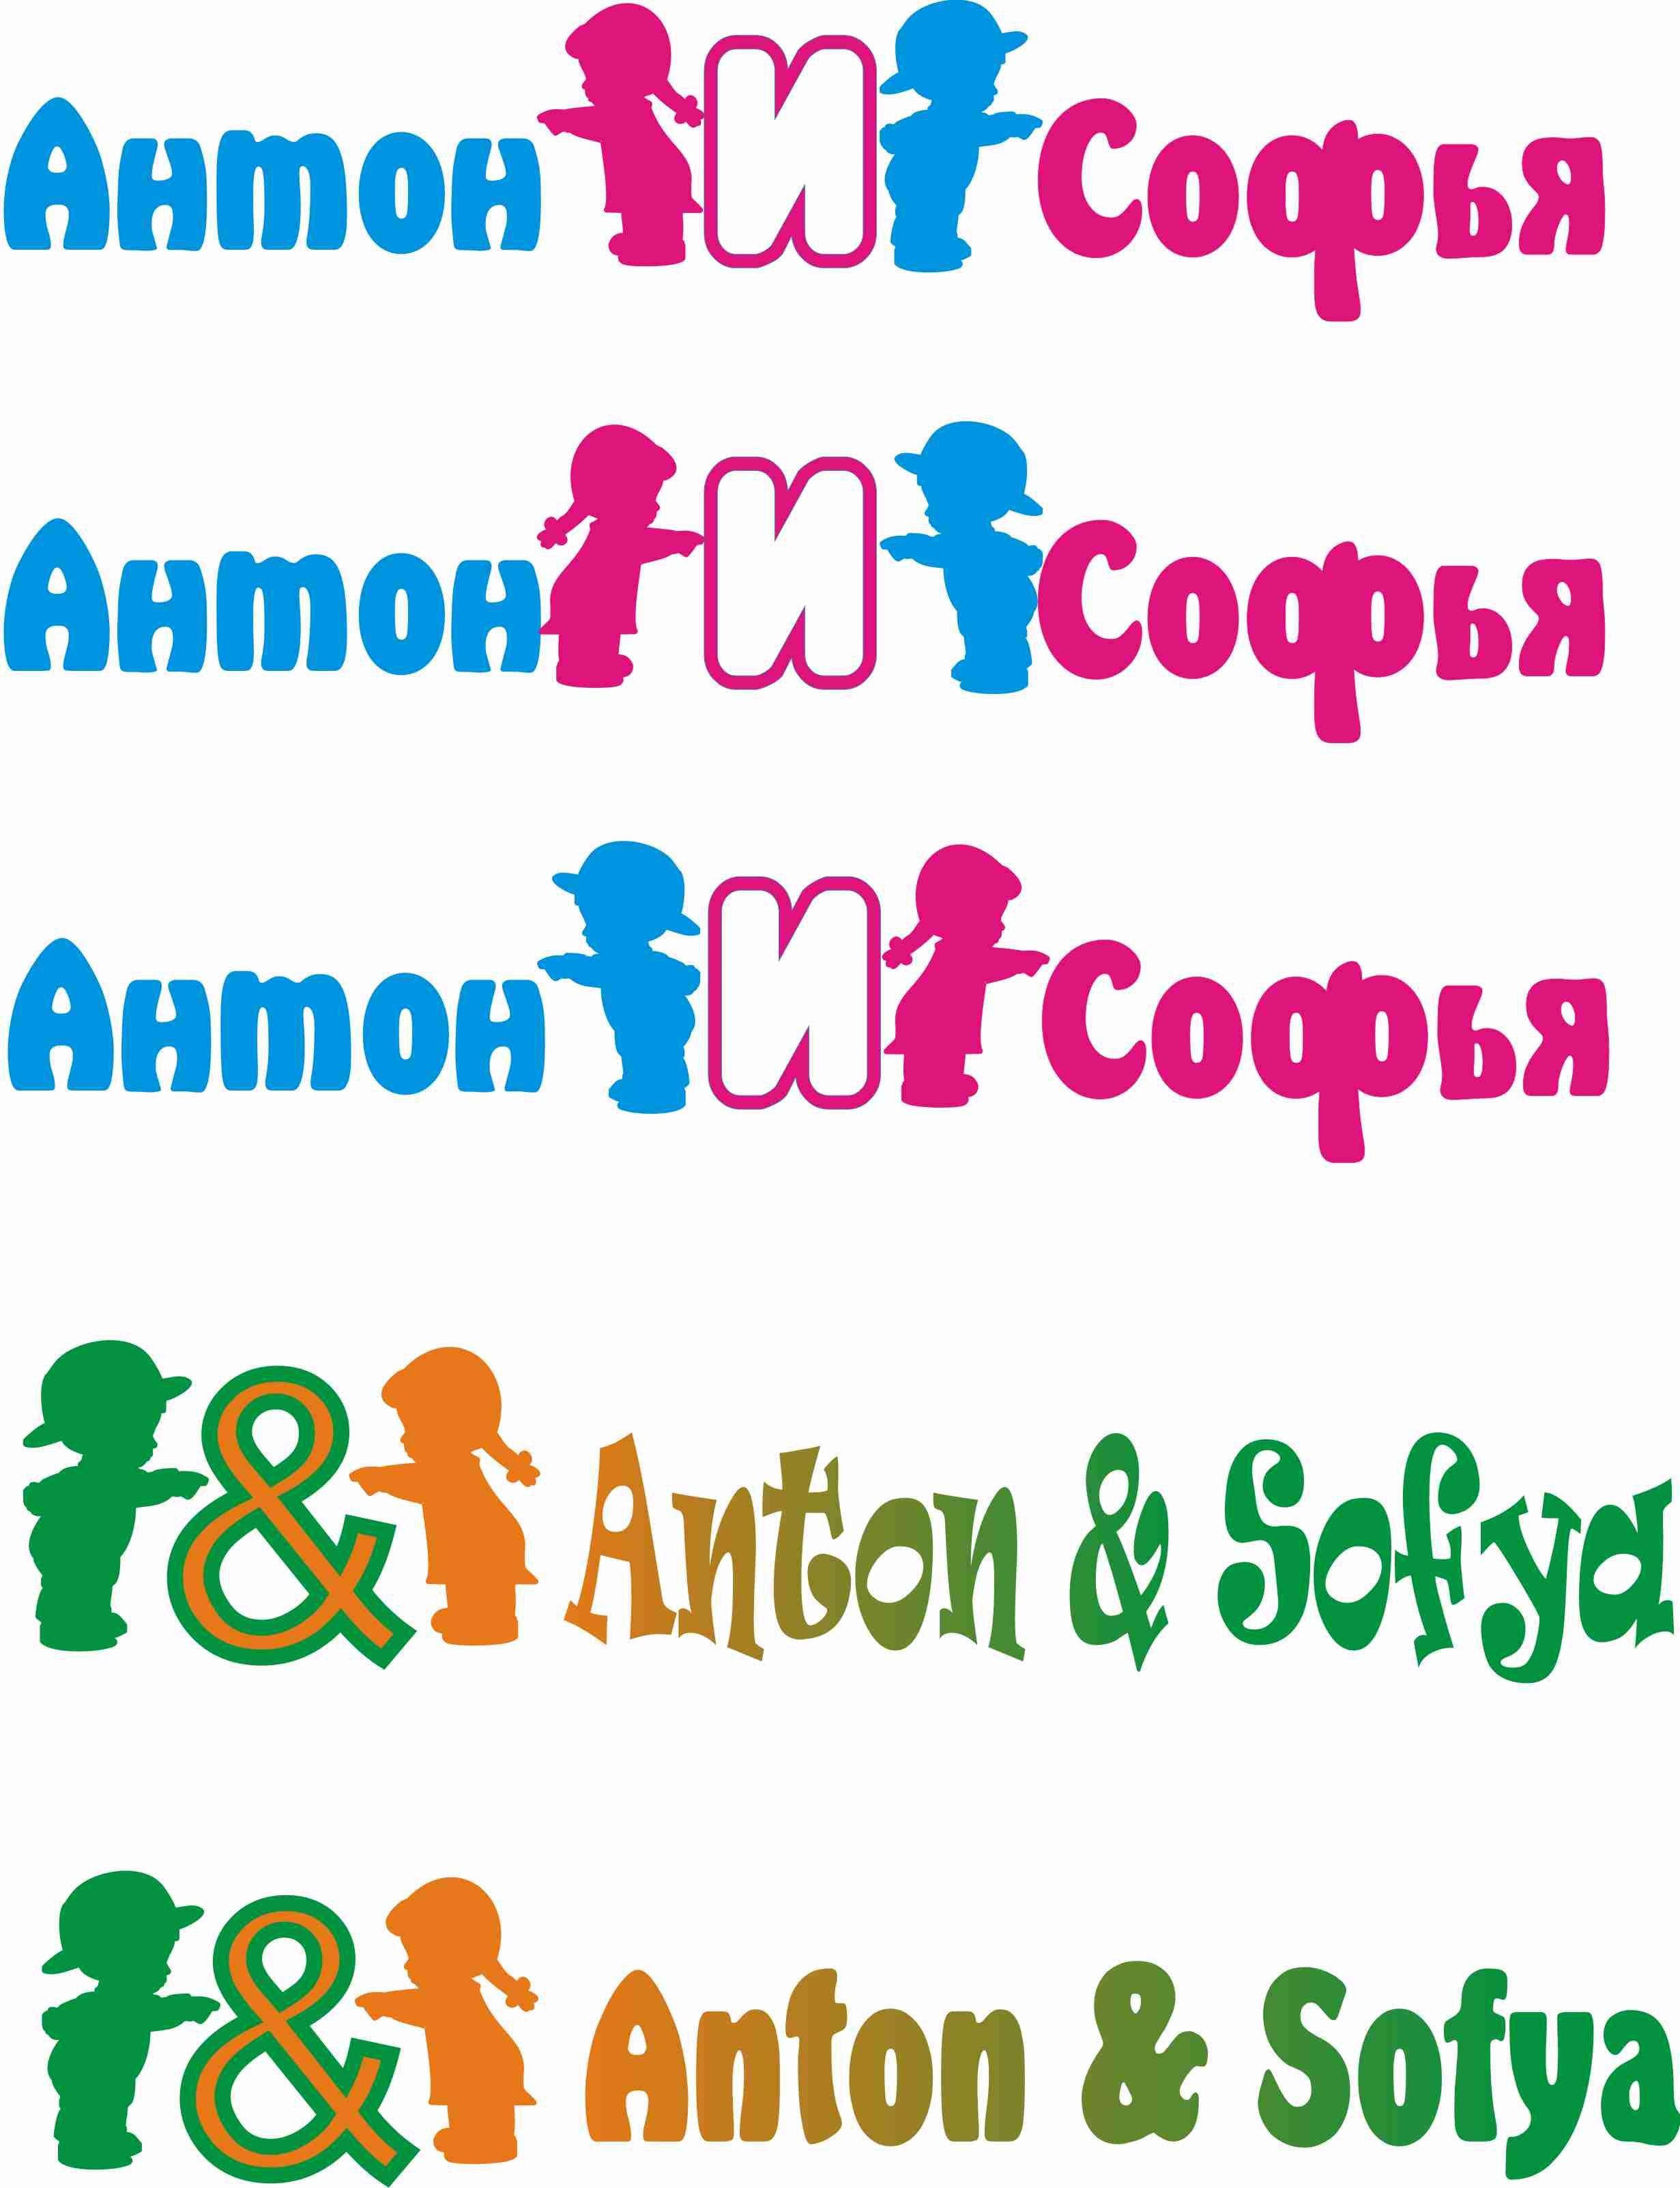 Логотип и вывеска для магазина детской одежды фото f_4c83daa43e7f0.jpg